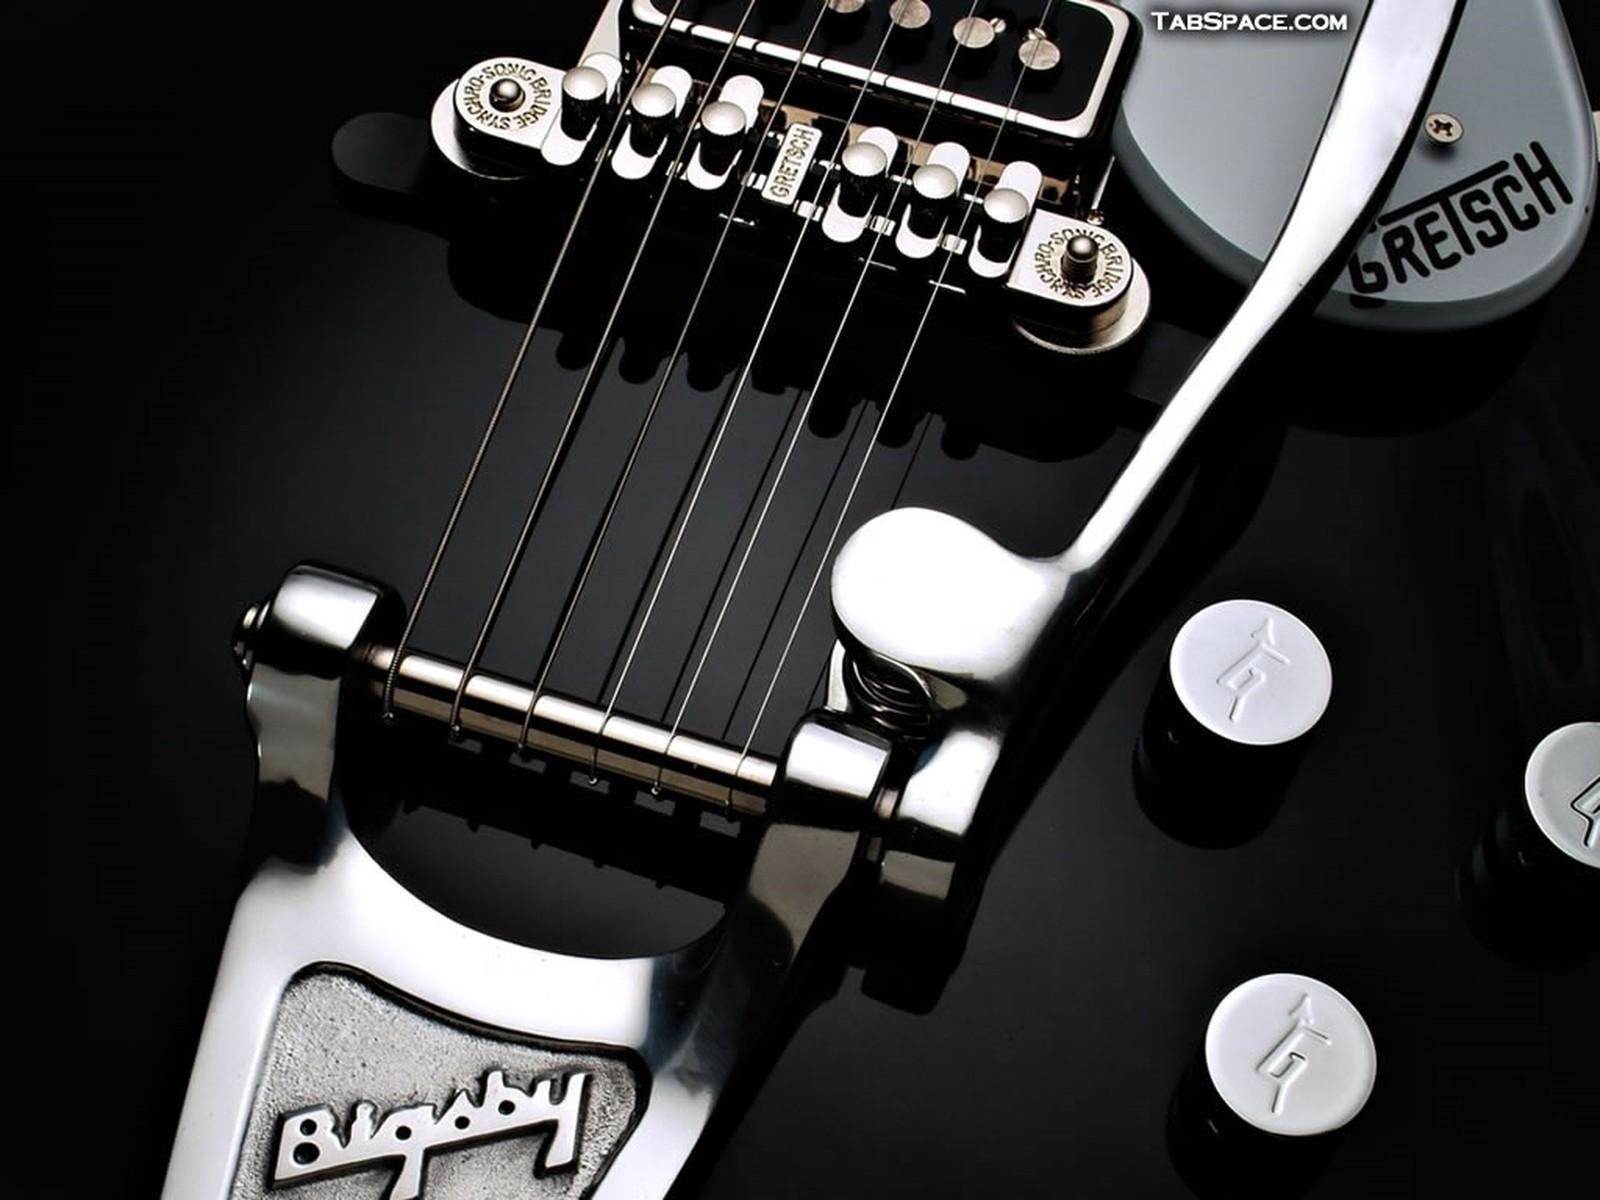 http://1.bp.blogspot.com/_nqDrJsvdPdc/SxBN6uvYo8I/AAAAAAAABDw/nRjvvny5vs4/s1600/guitar-wallpaper-11%20[1600x1200].jpg